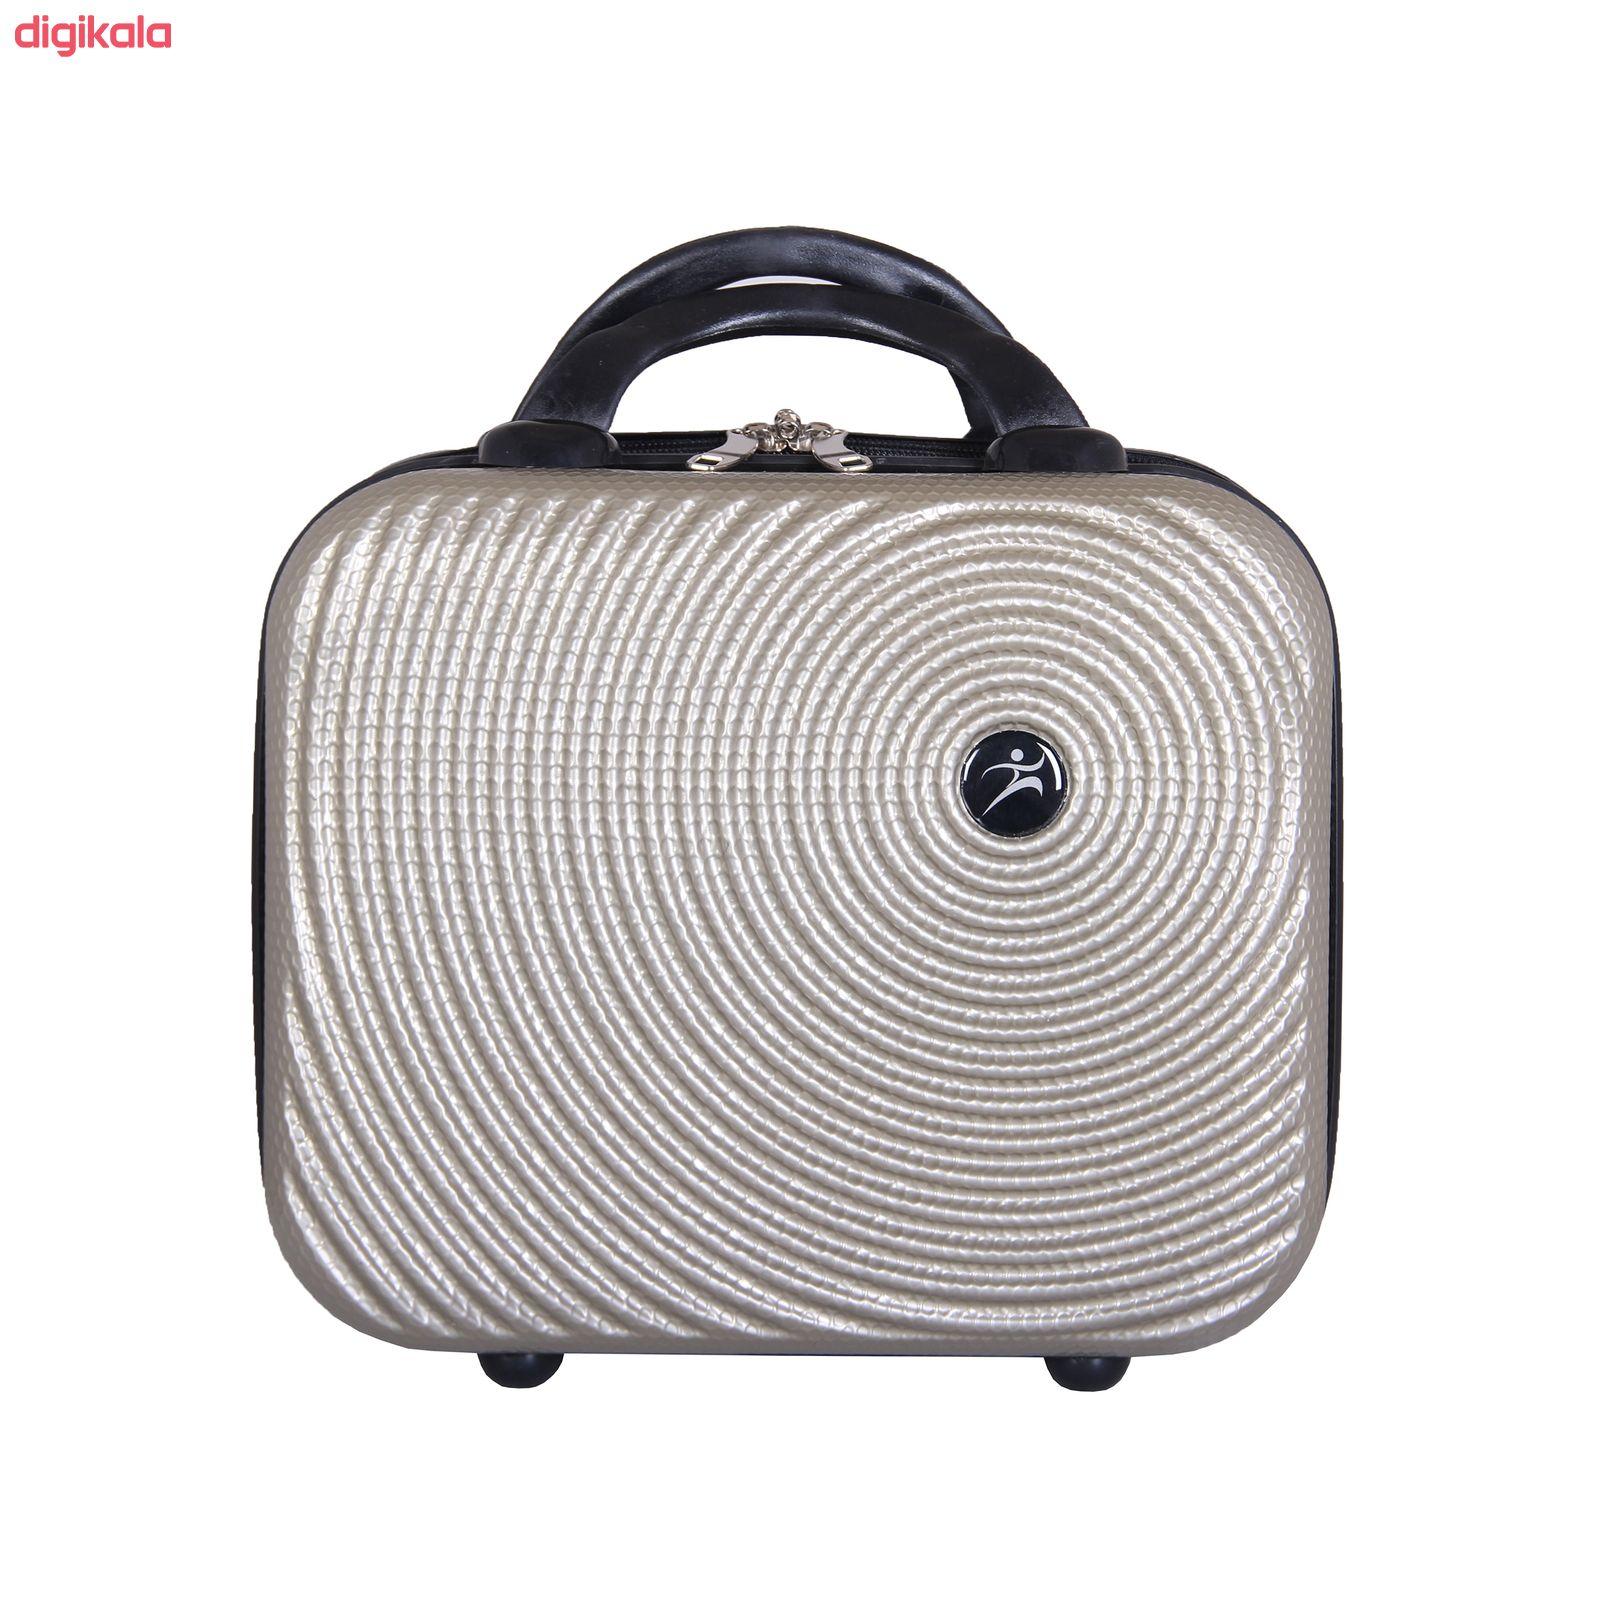 مجموعه چهار عددی چمدان اسپرت من مدل NS001 main 1 43